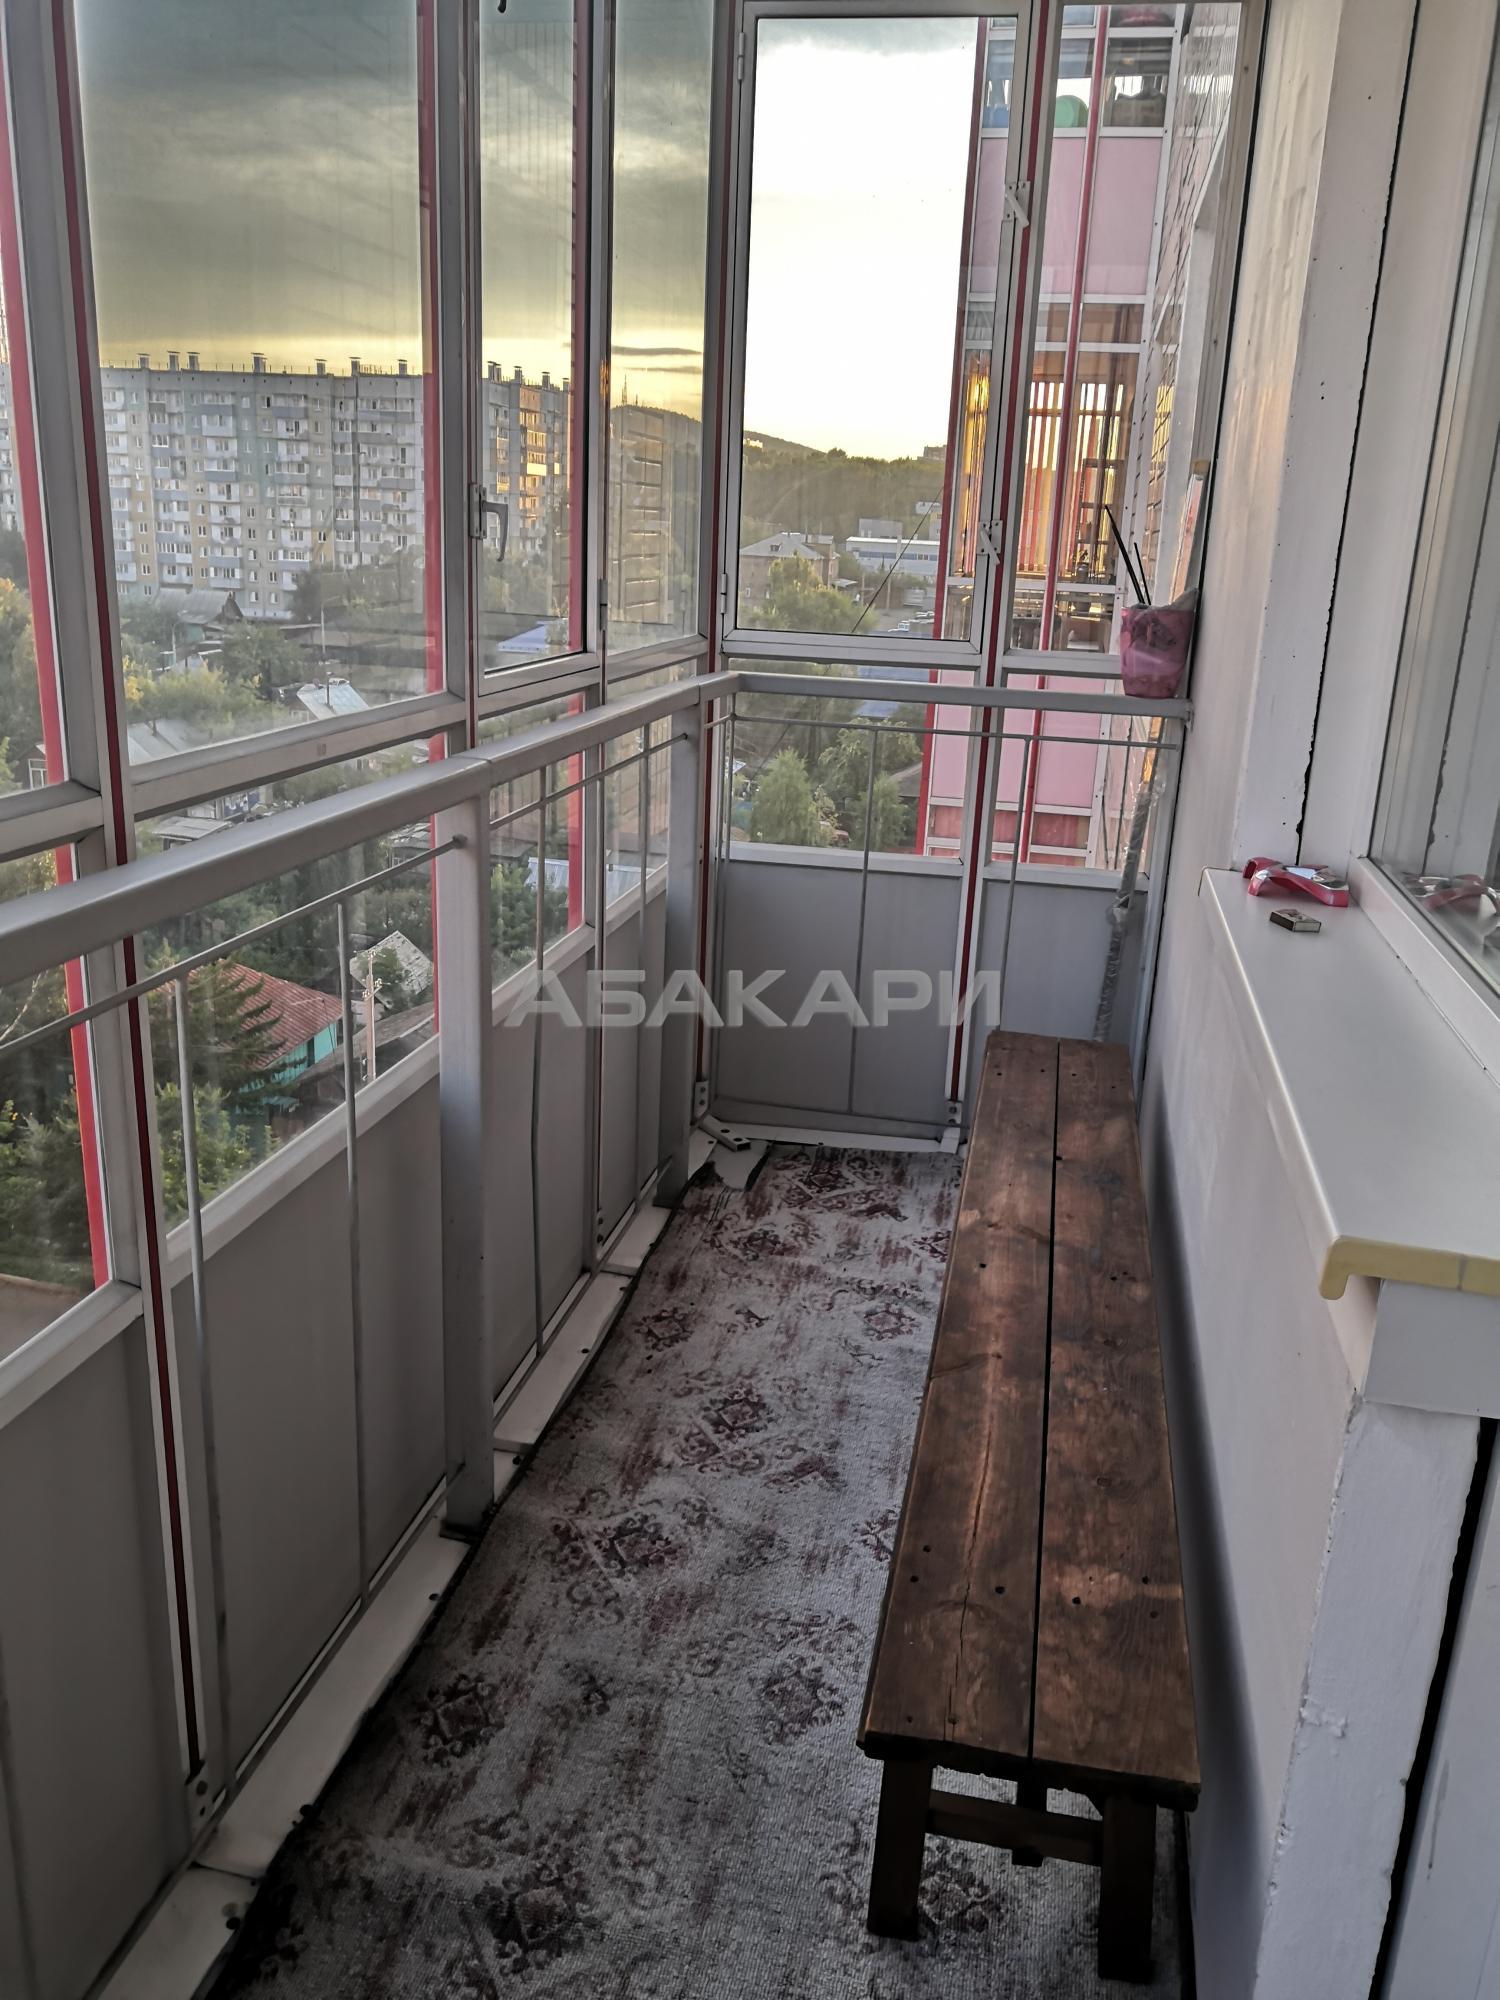 2к квартира улица Академика Киренского, 71 8/10 - 54кв | 28000 | аренда в Красноярске фото 10